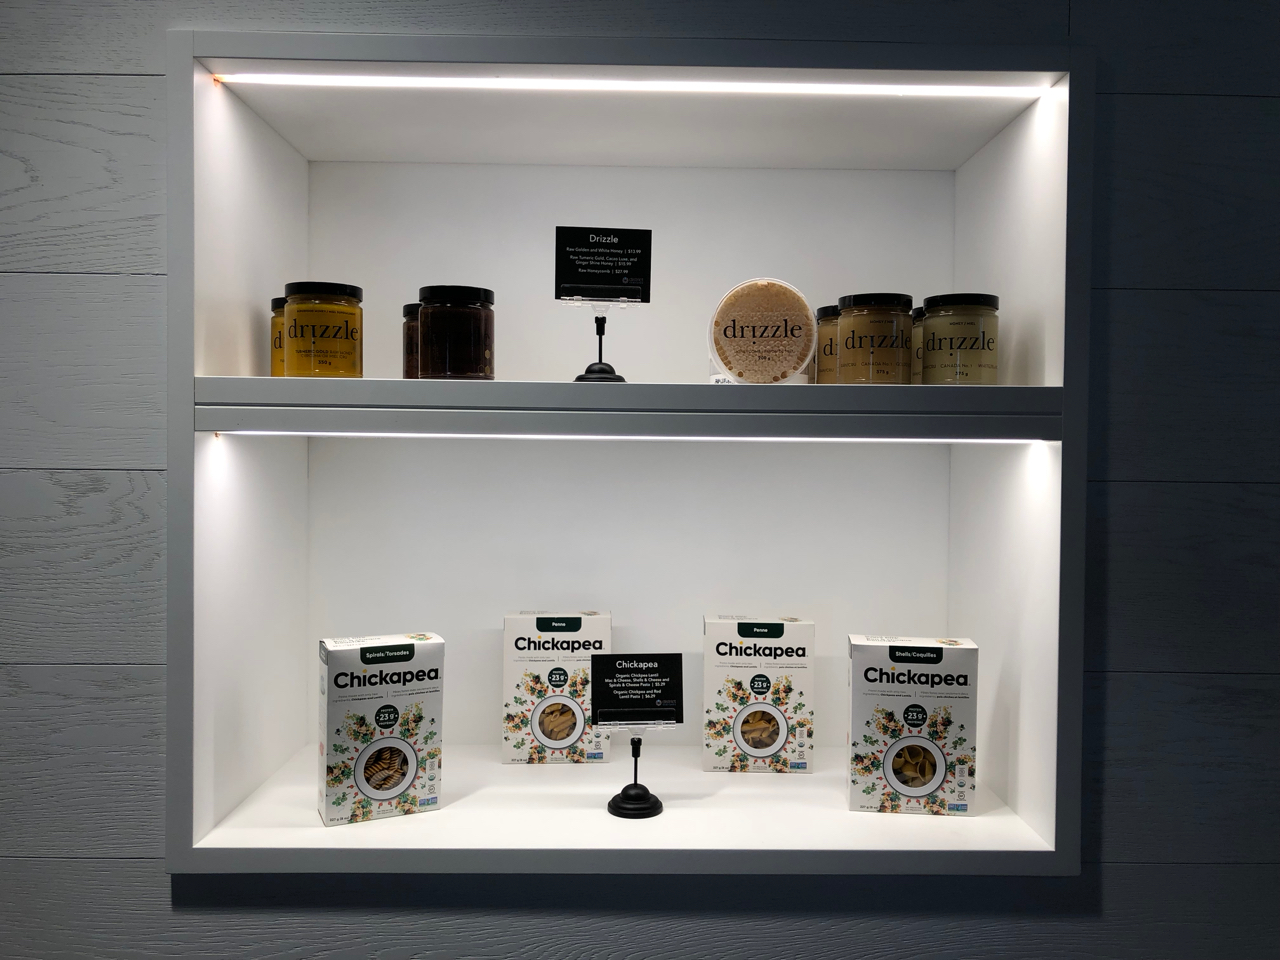 Product Display Shelving Lights